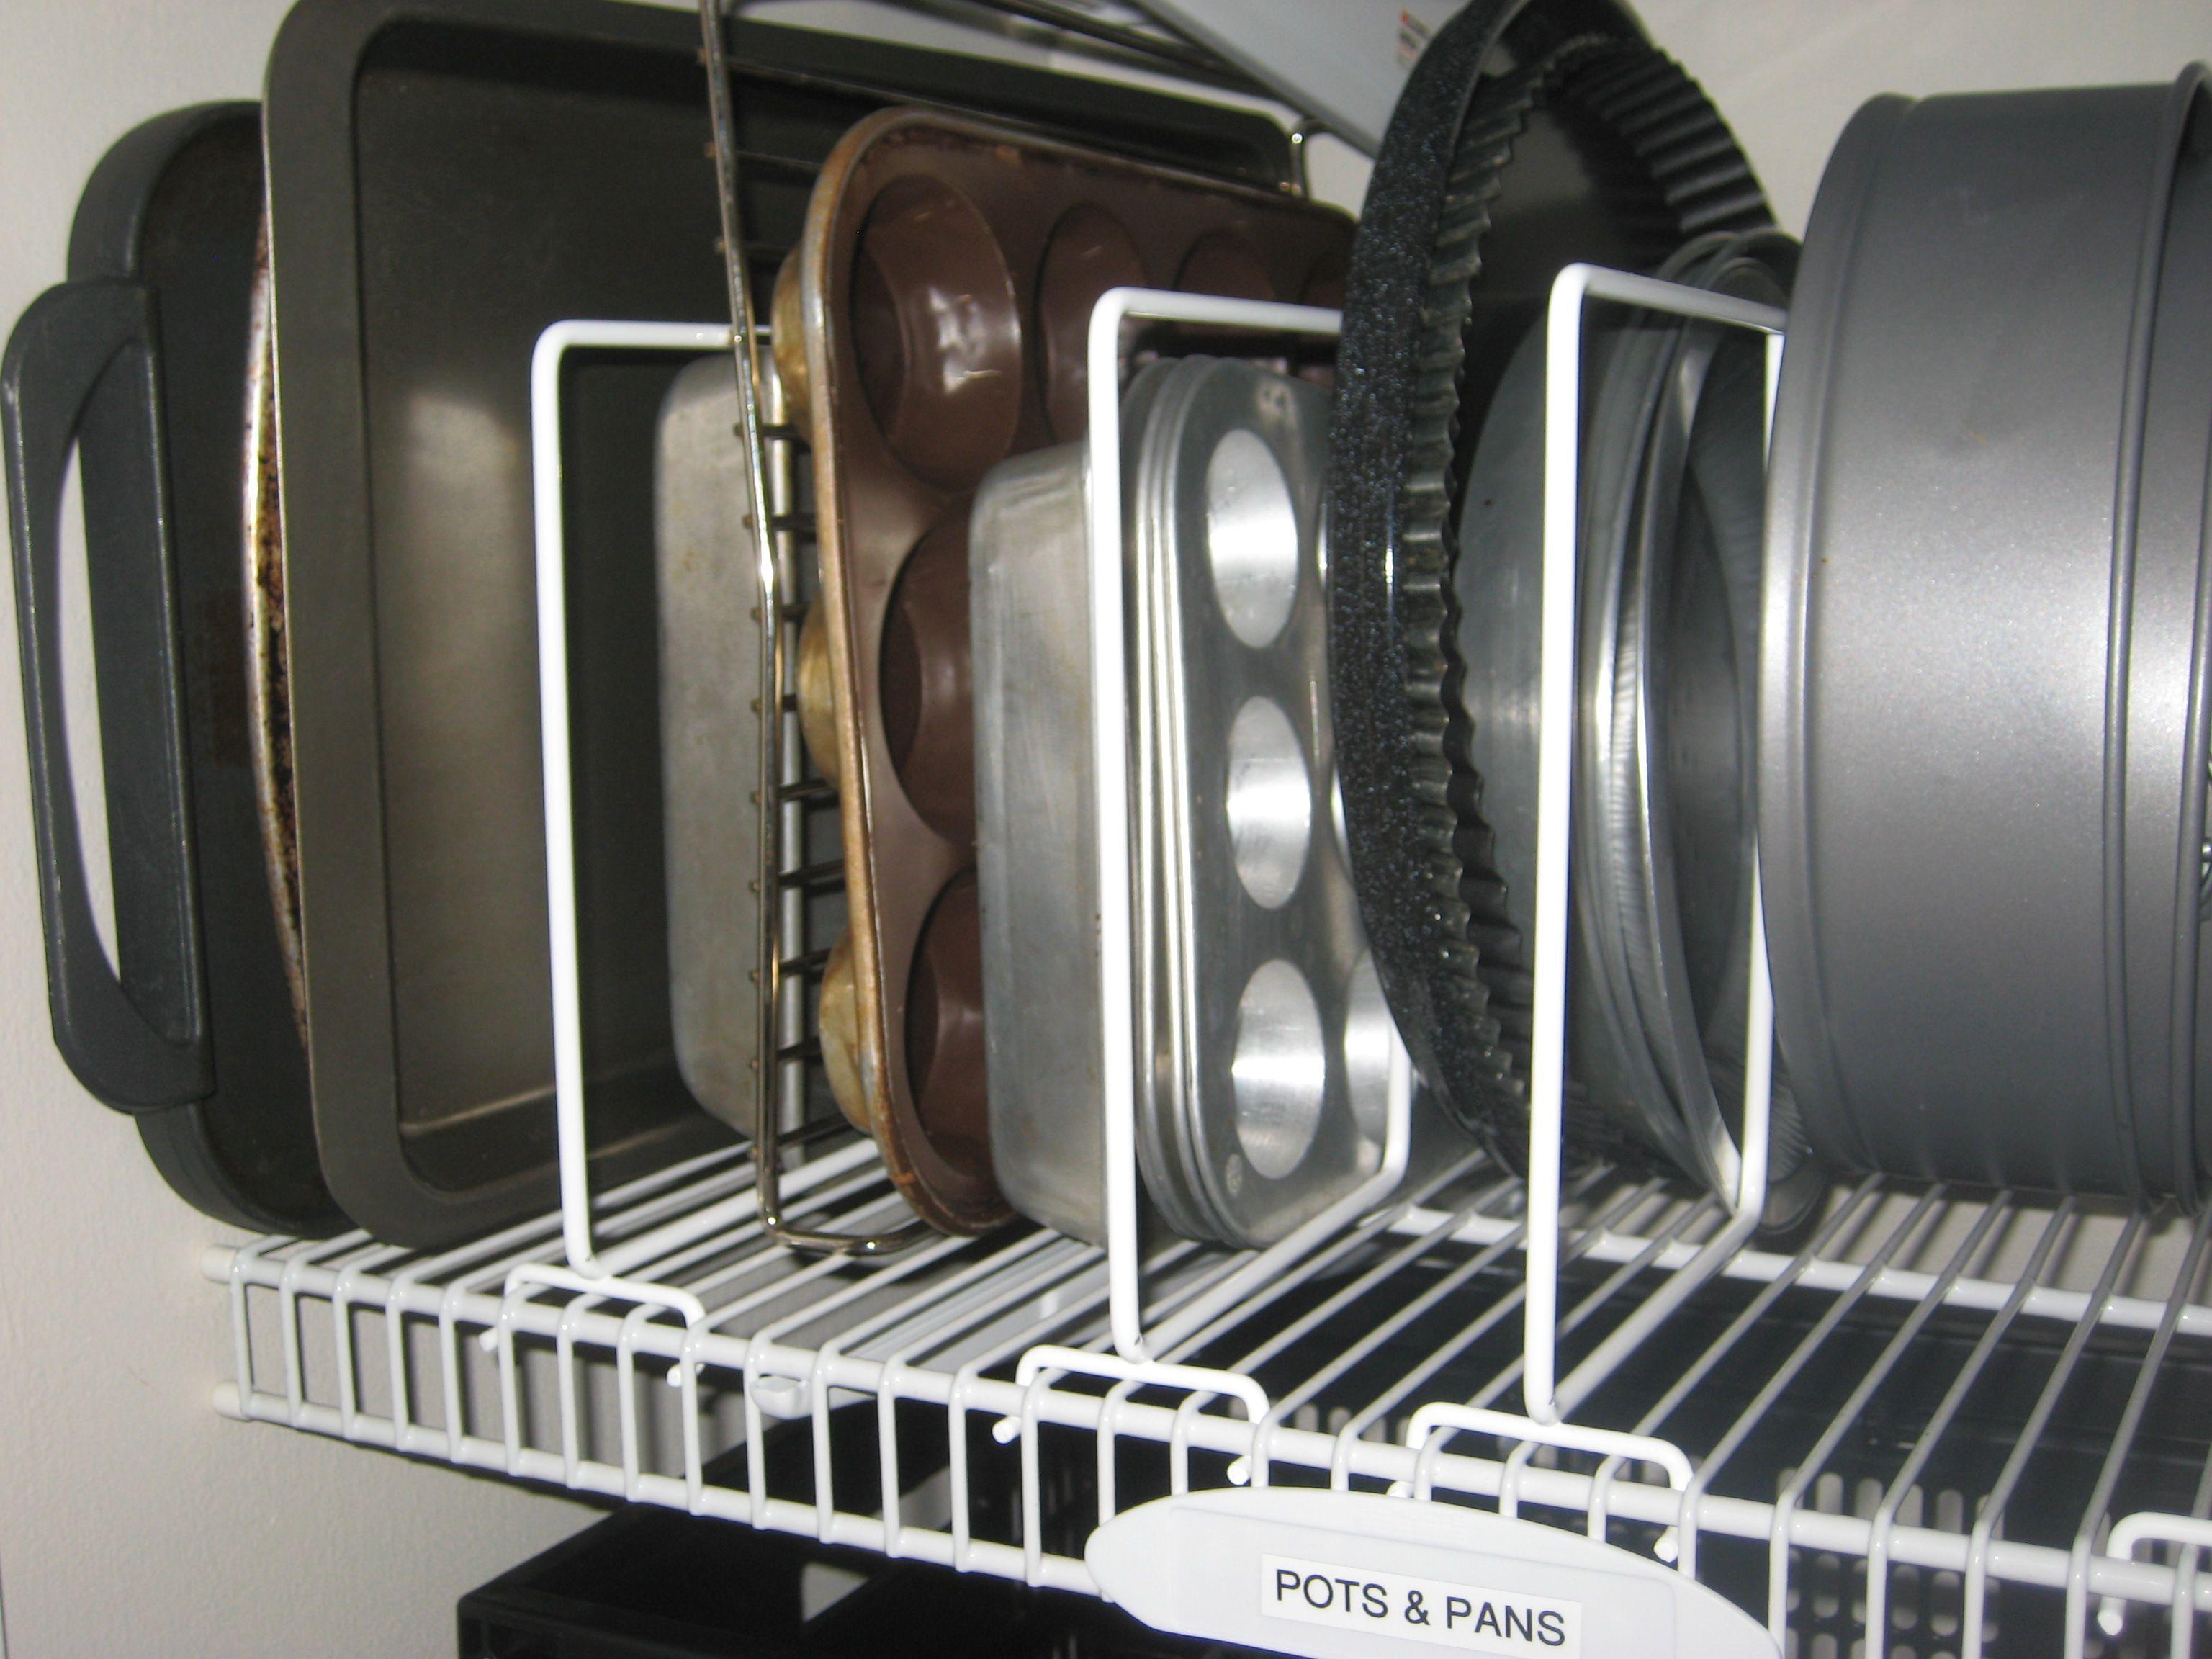 Kitchen Organization U0026 Pantry Organization: Vertical Pan Divider For Baking  Pans